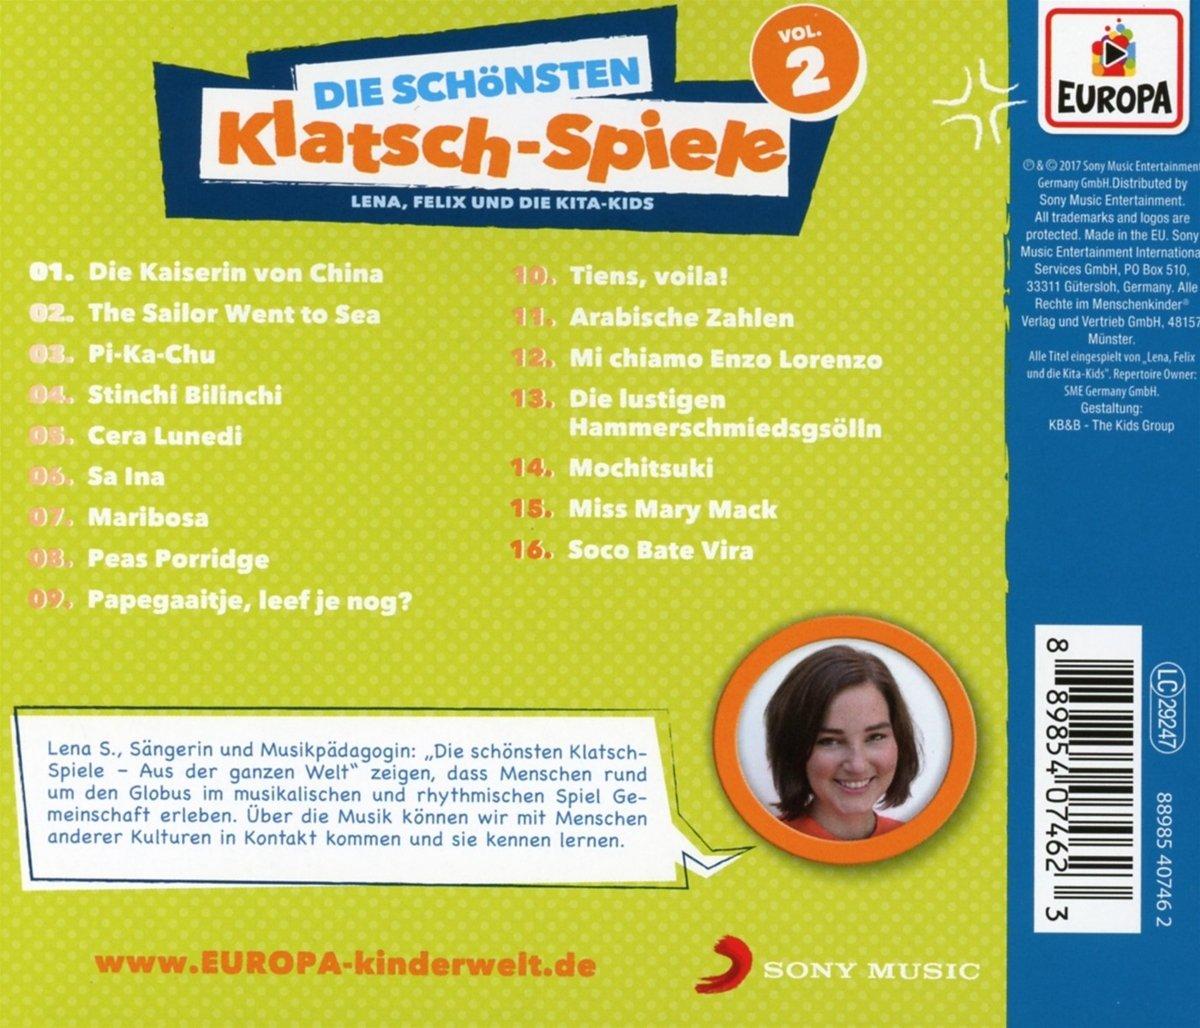 regret, that Partnersuche Schiffdorf finde deinen Traumpartner above understanding! sorry, does